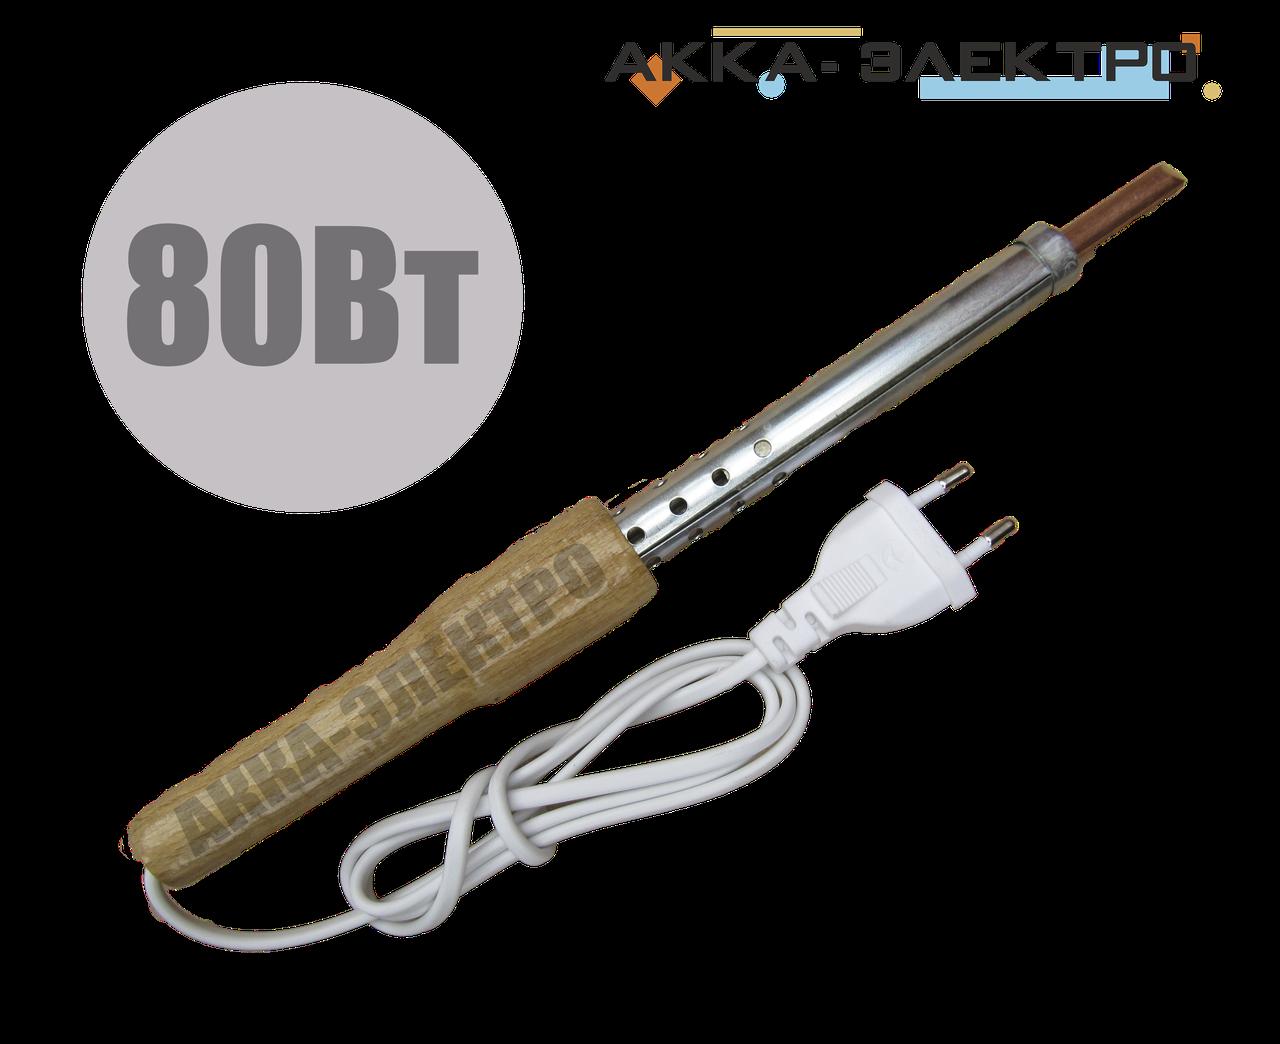 Электропаяльник  80Вт (Харьков)